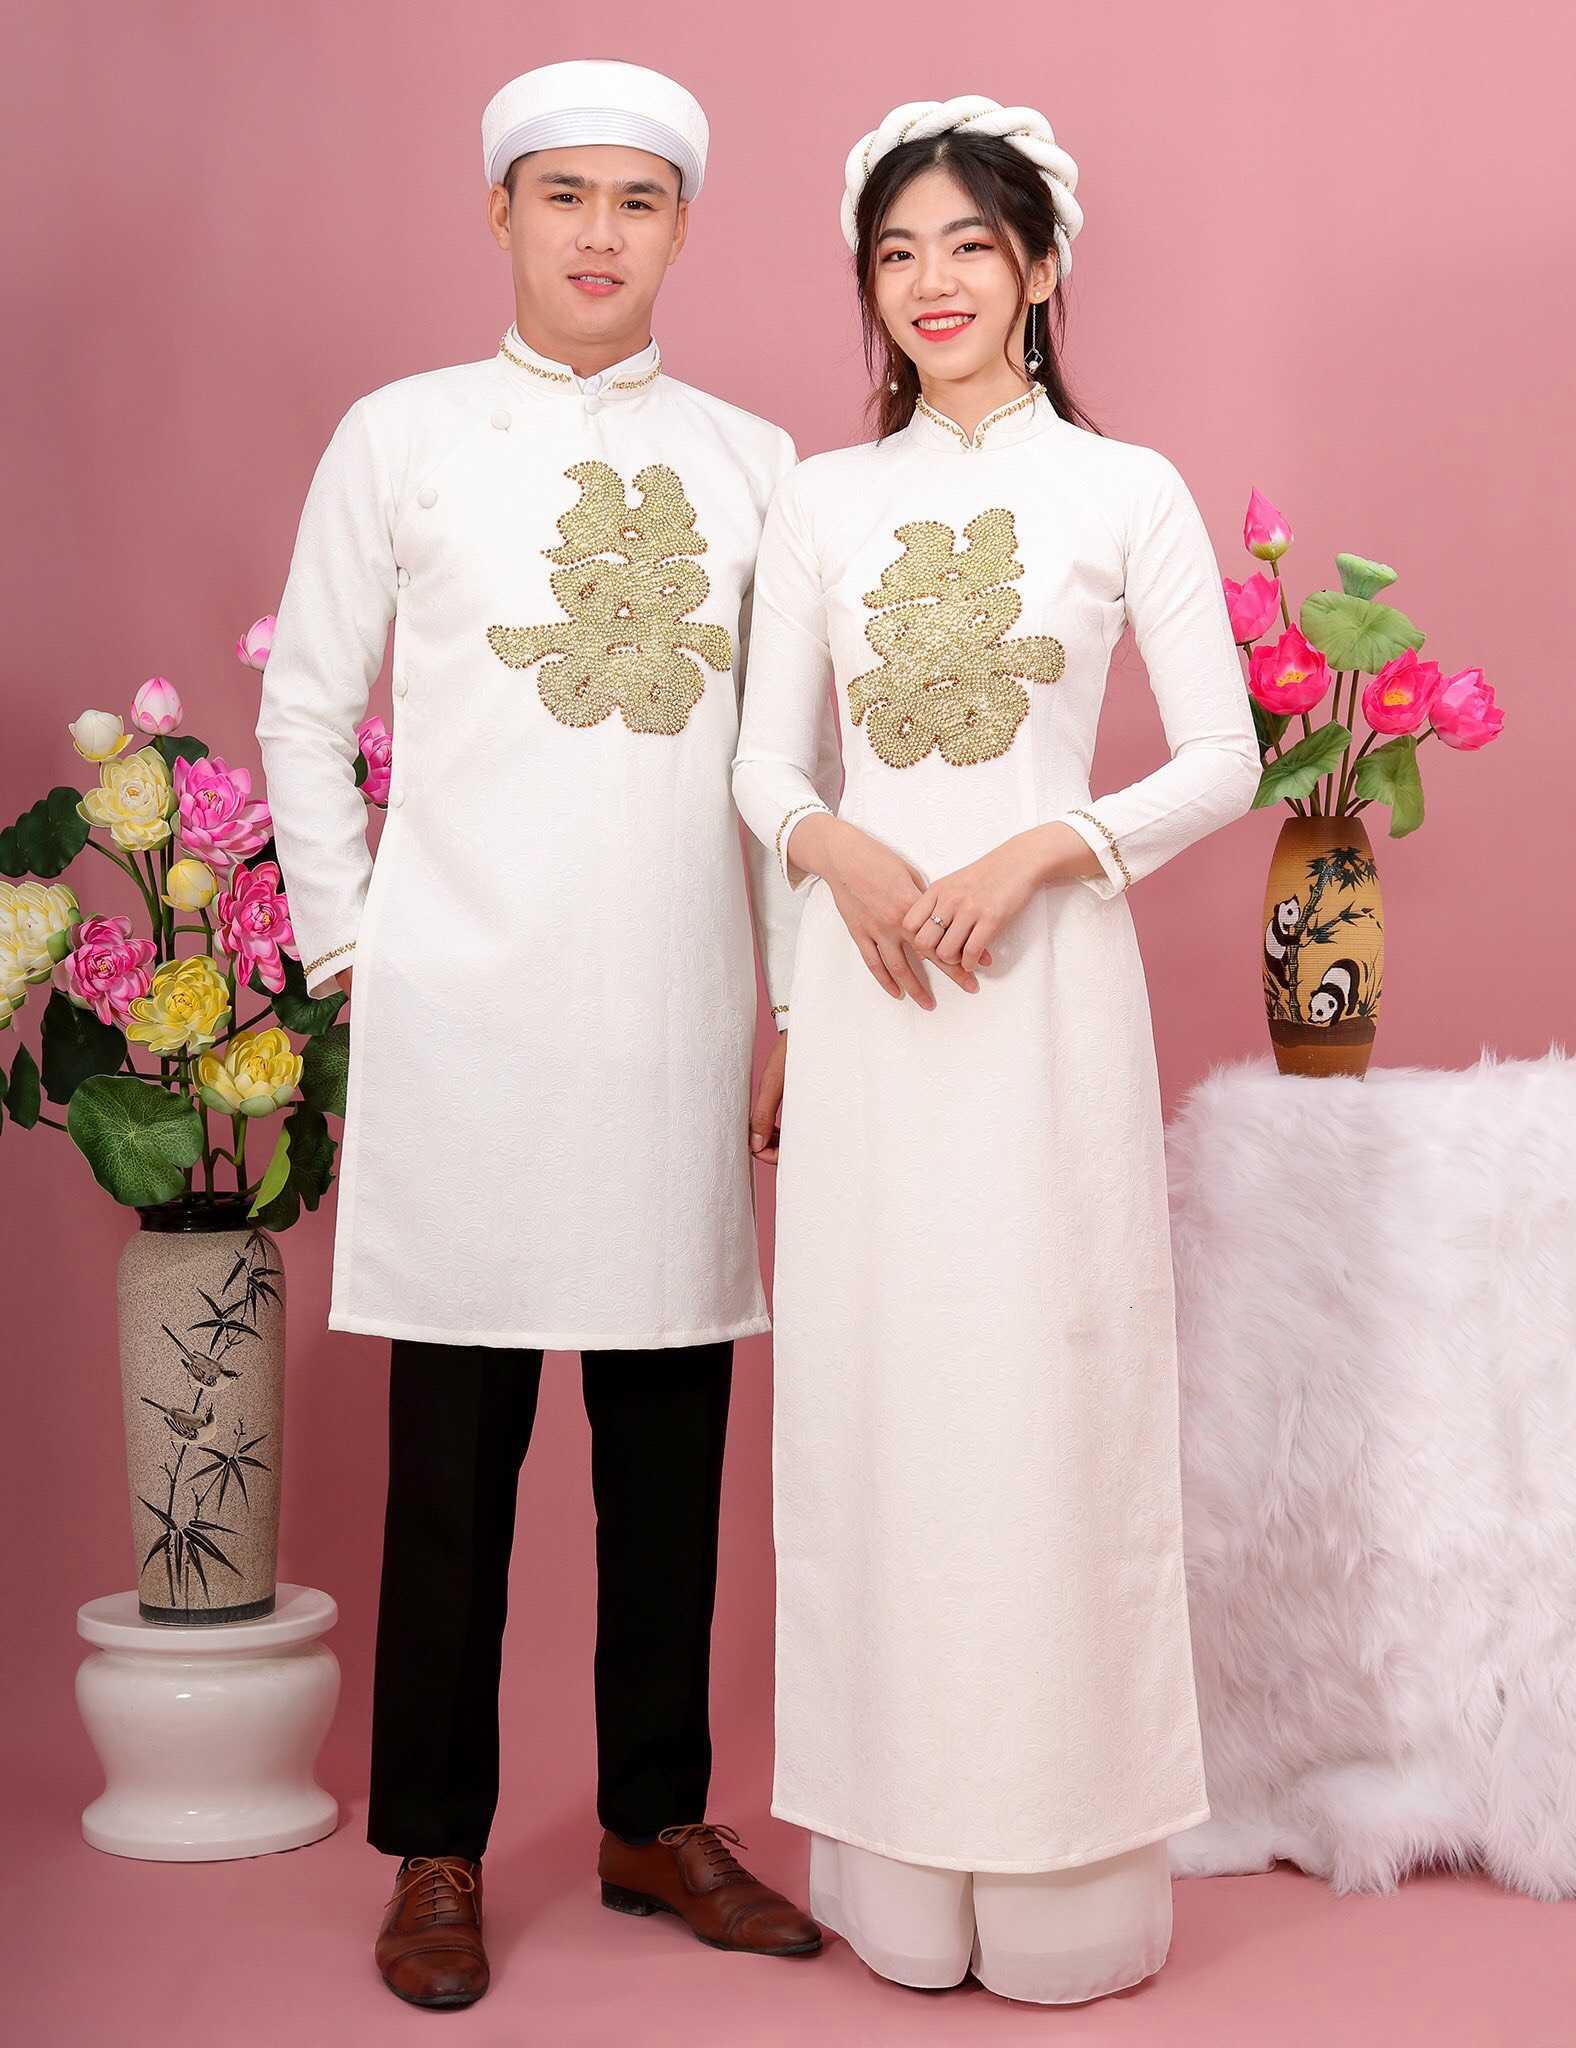 thuê áo dài cưới giá rẻ